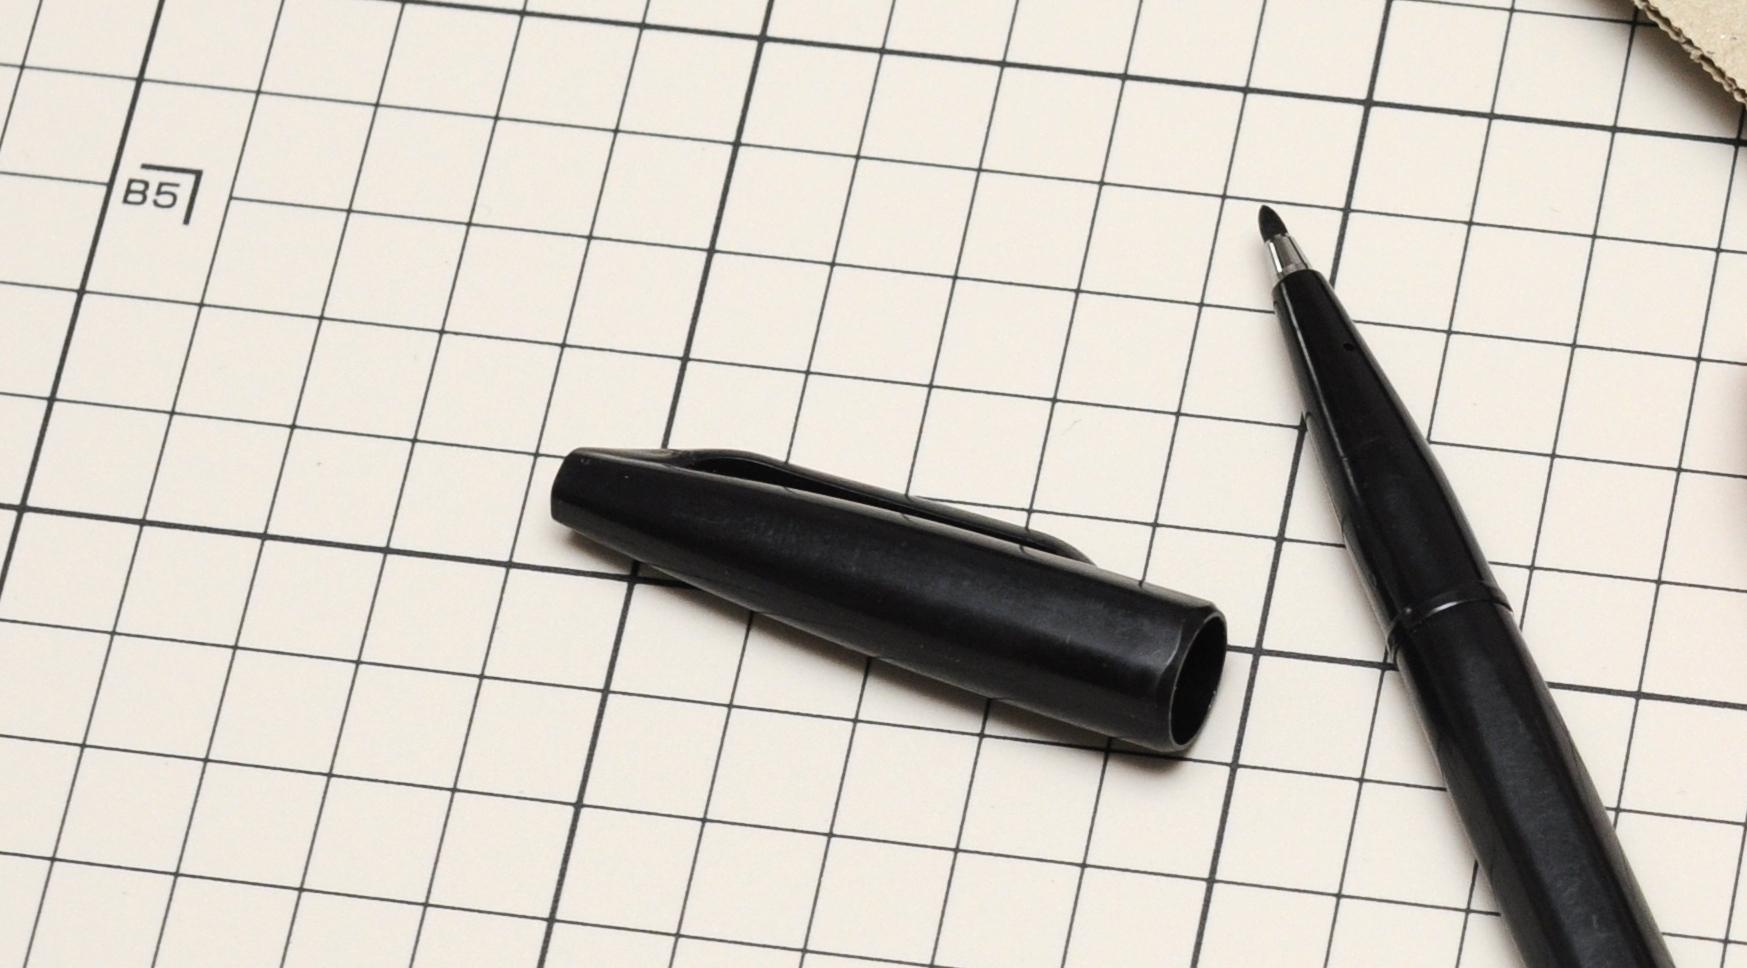 キャップを閉め忘れても大丈夫な、不思議な油性ペン。